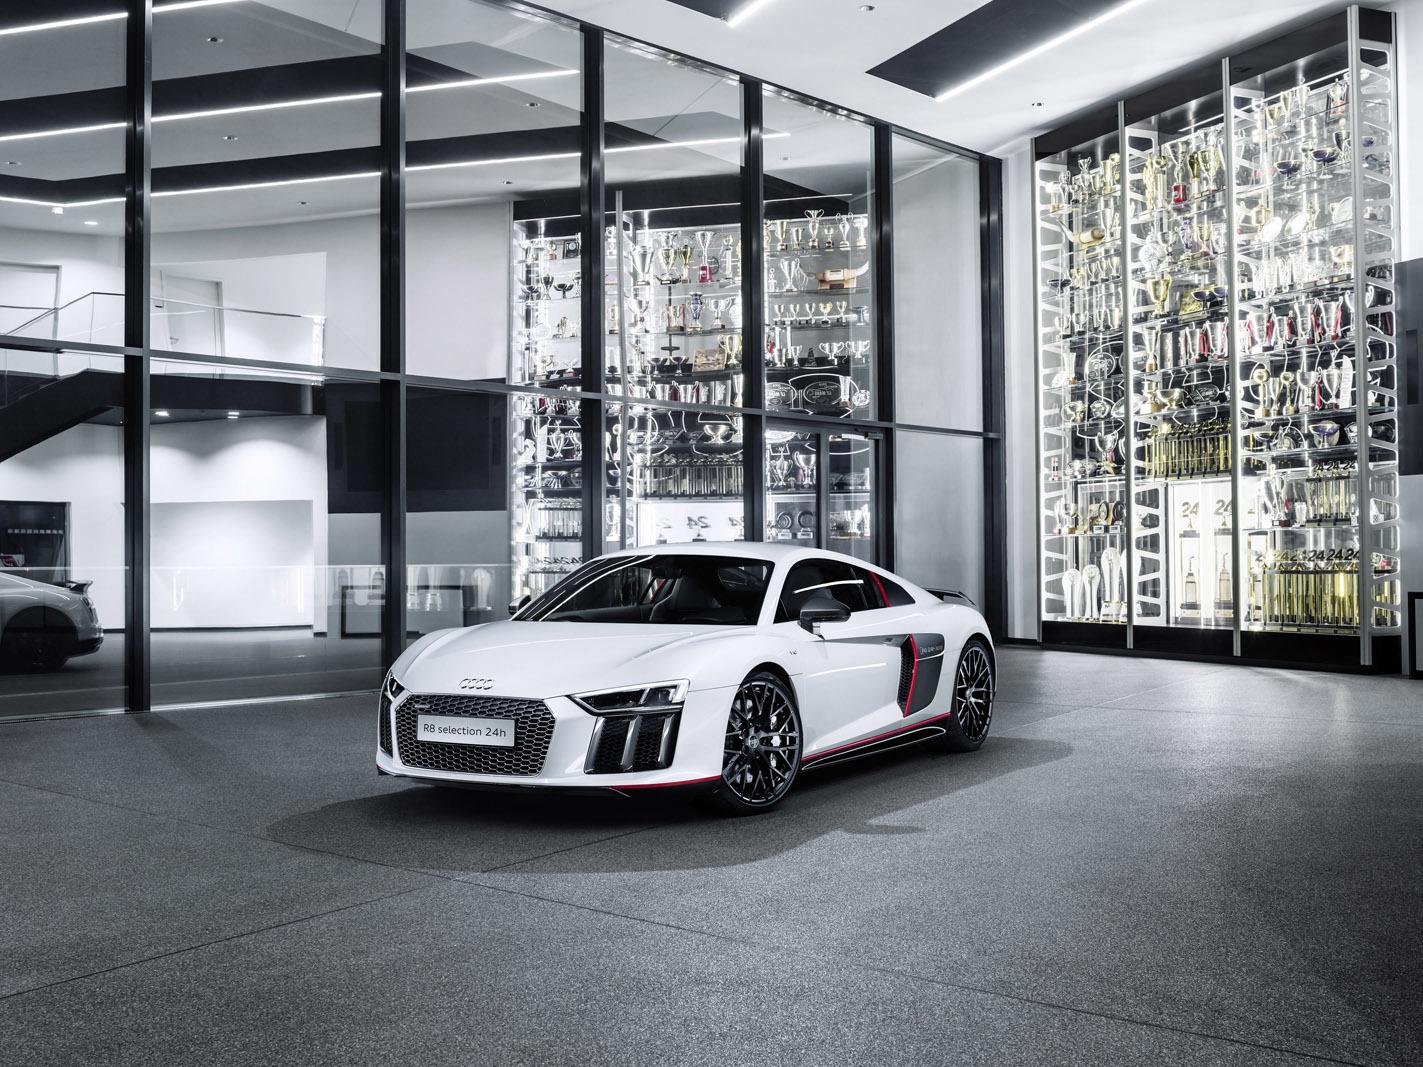 """Foto de Audi R8 Coupé V10 plus """"selection 24h"""" (5/5)"""